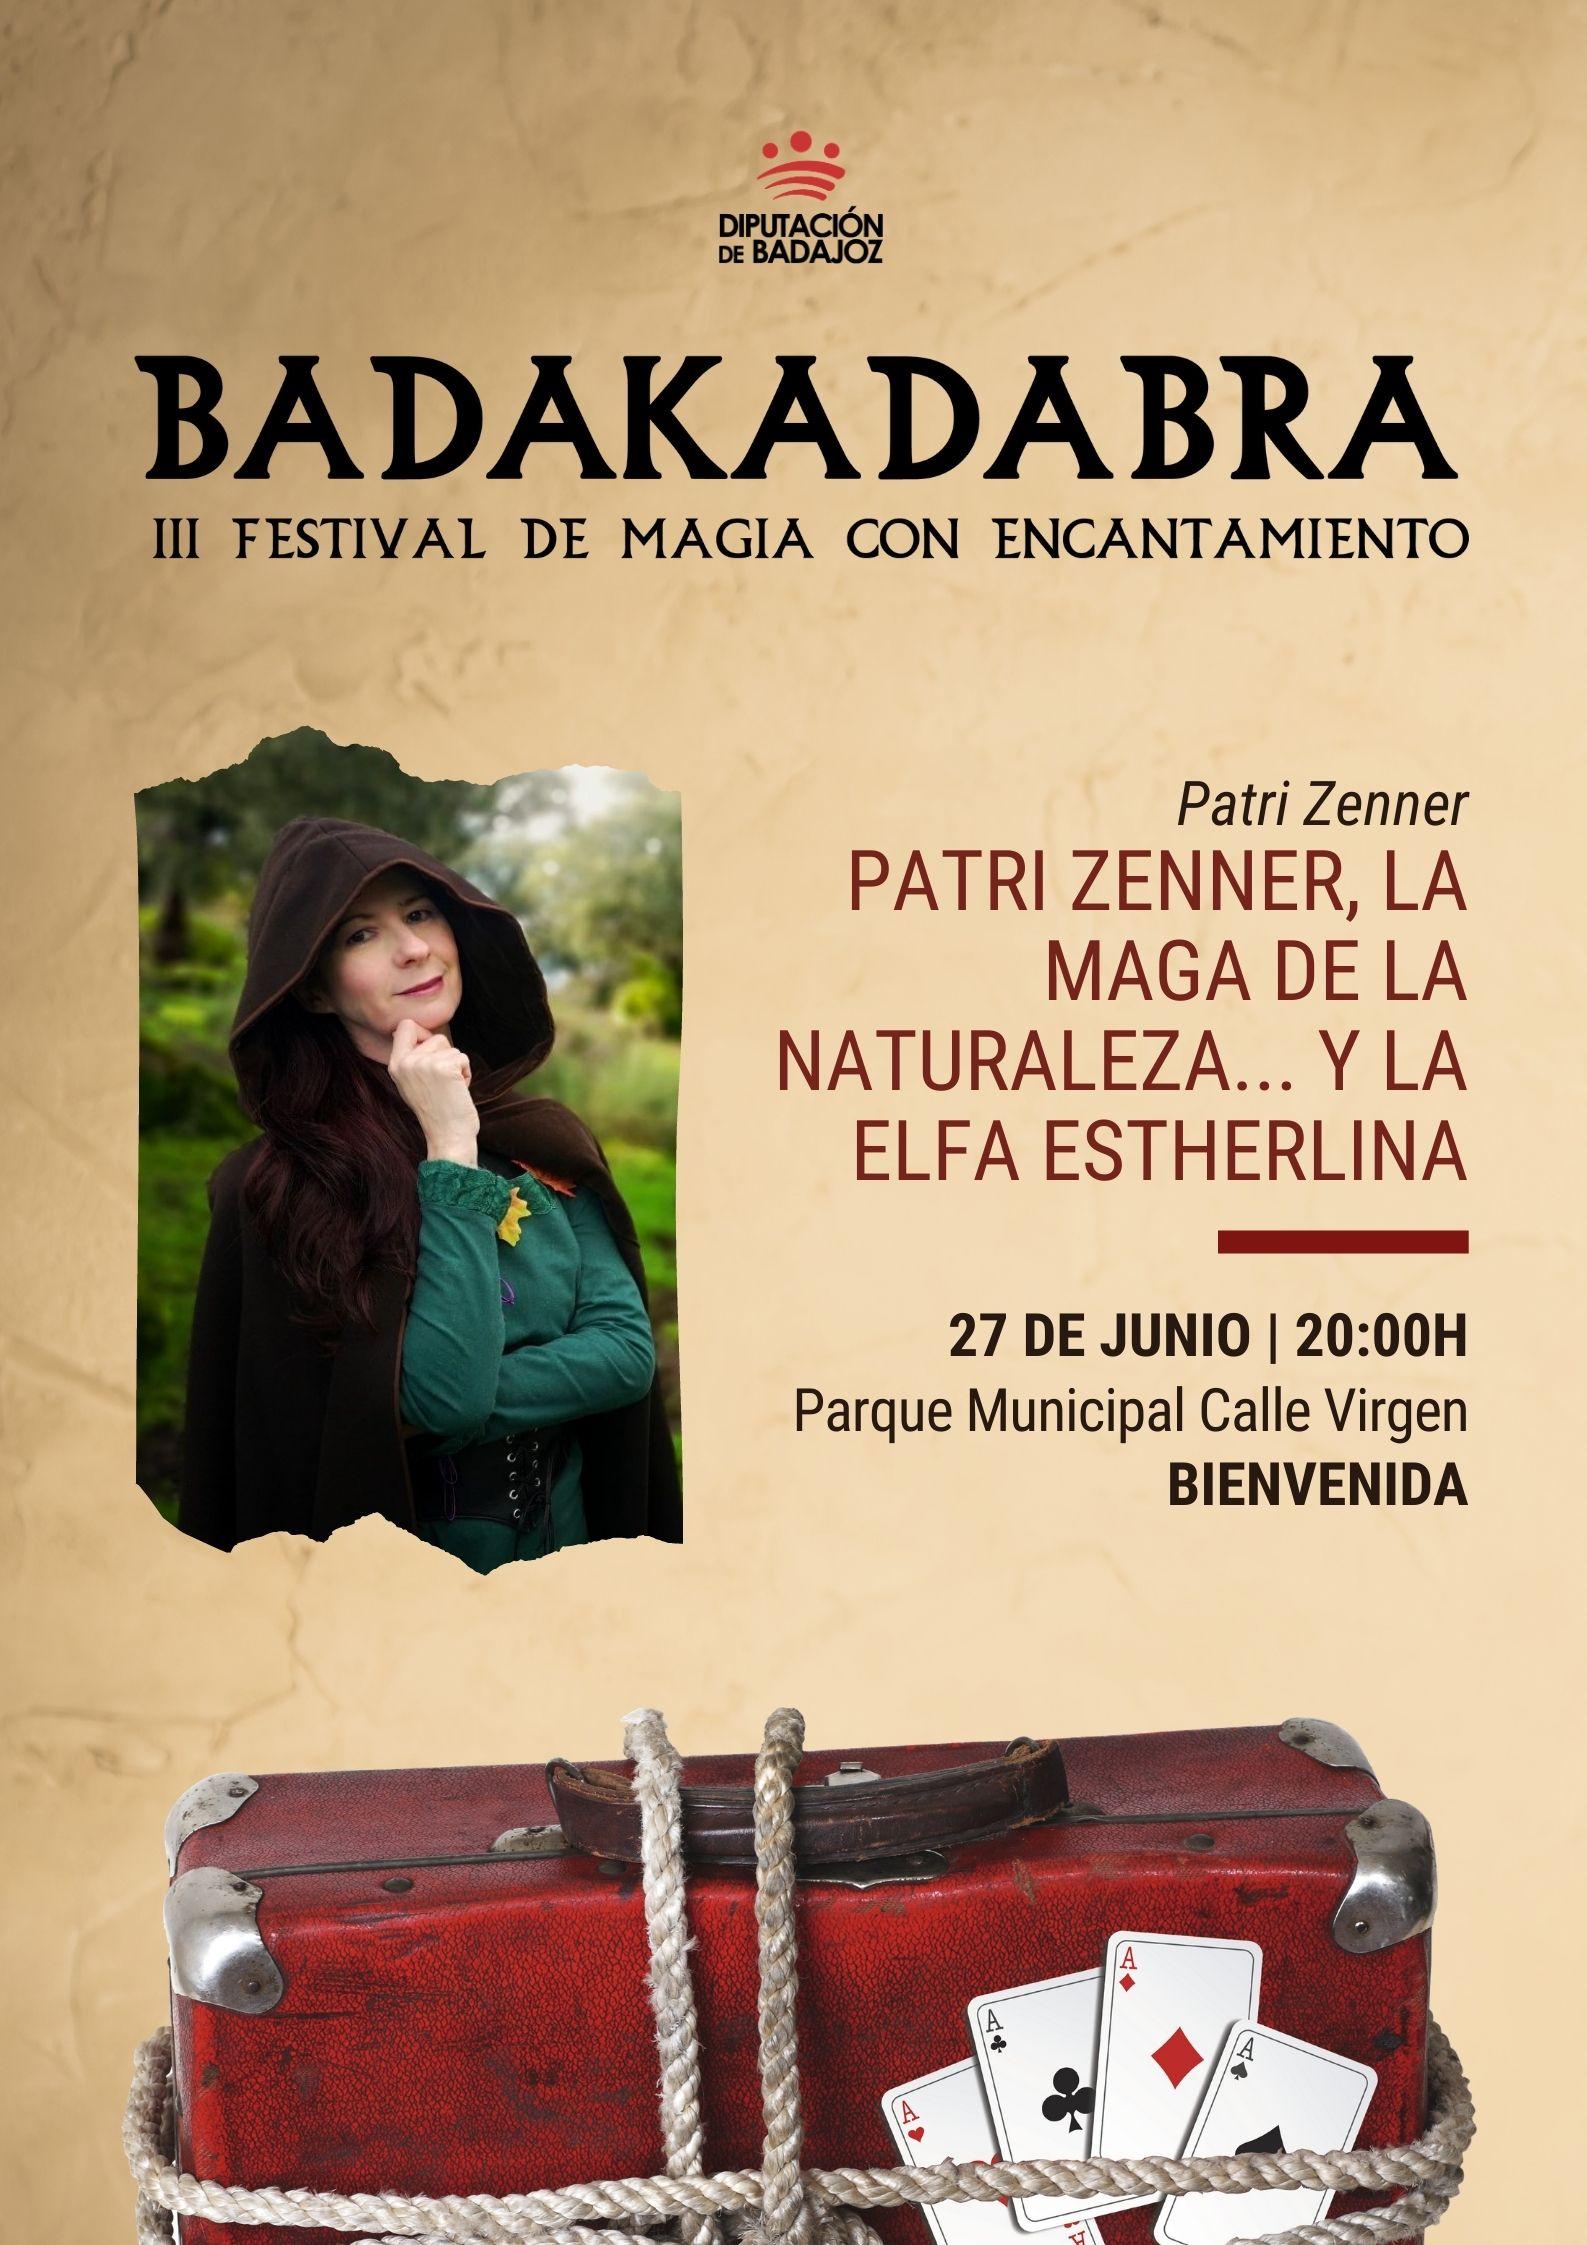 Imagen del Evento Patri Zenner, la maga de la Naturaleza... y la elfa Estherlina